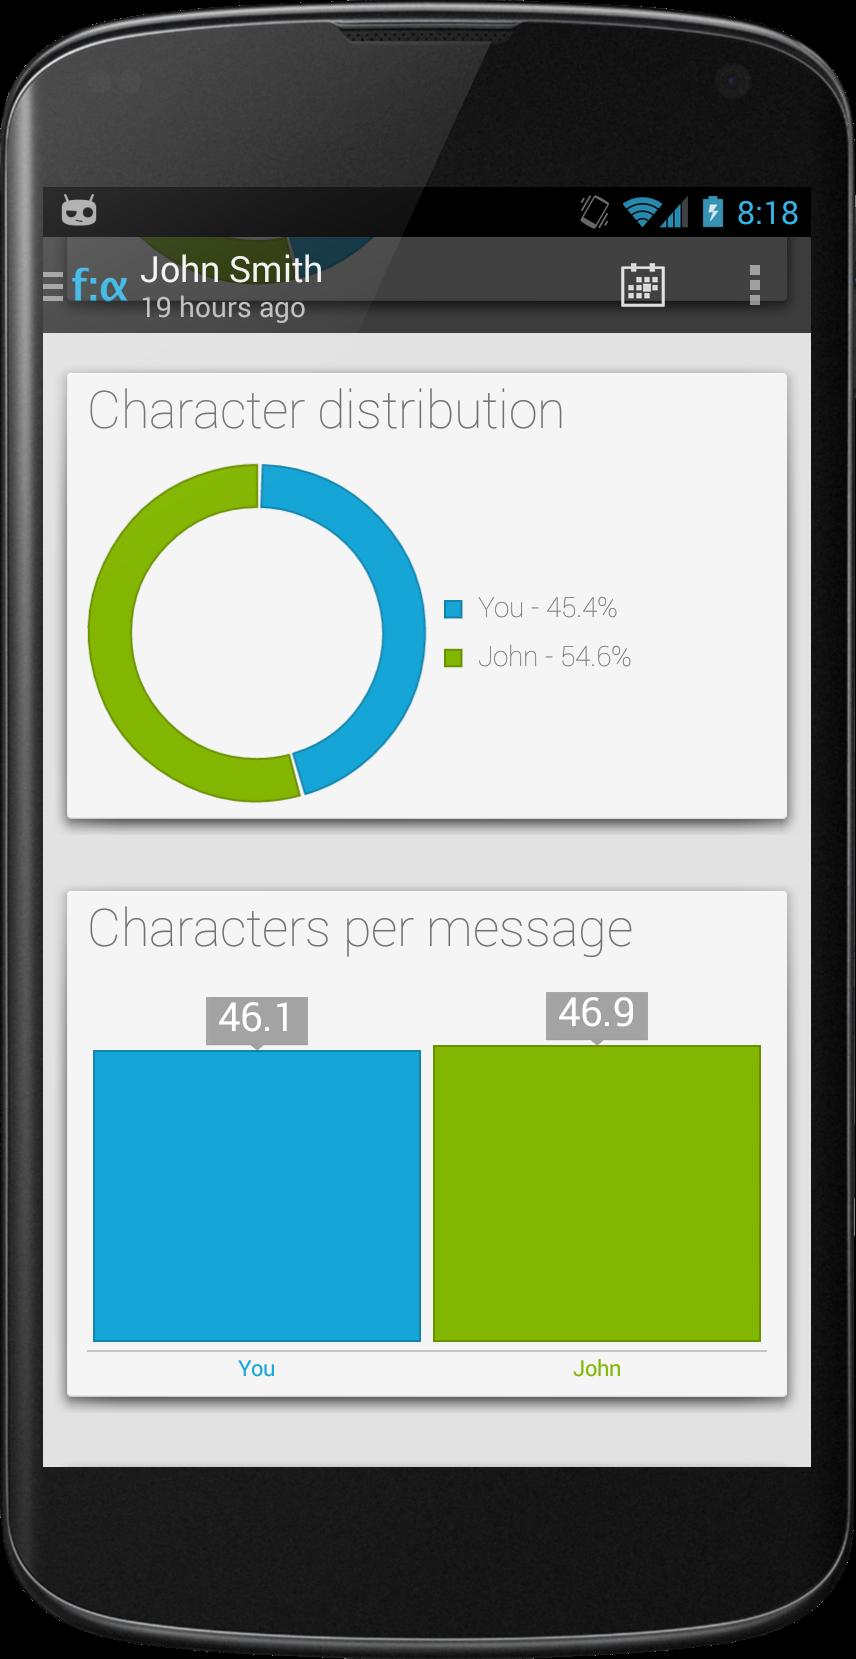 Character distribution